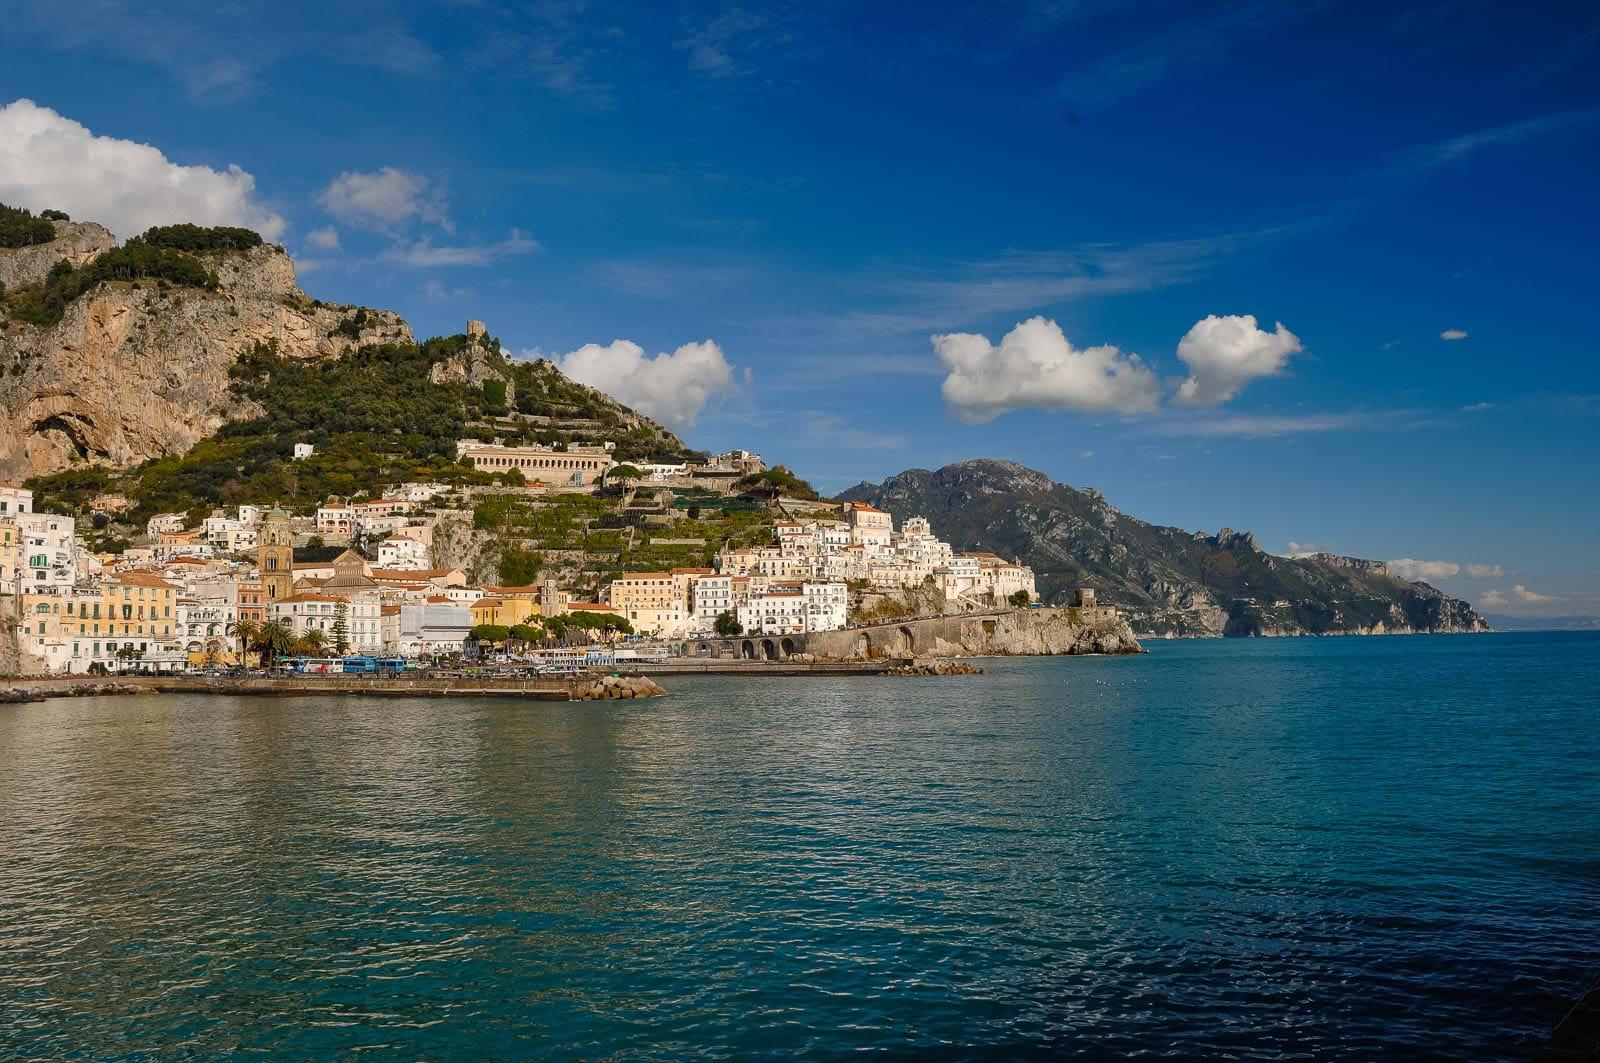 Awesome azienda soggiorno e turismo amalfi contemporary for Soggiorno costiera amalfitana